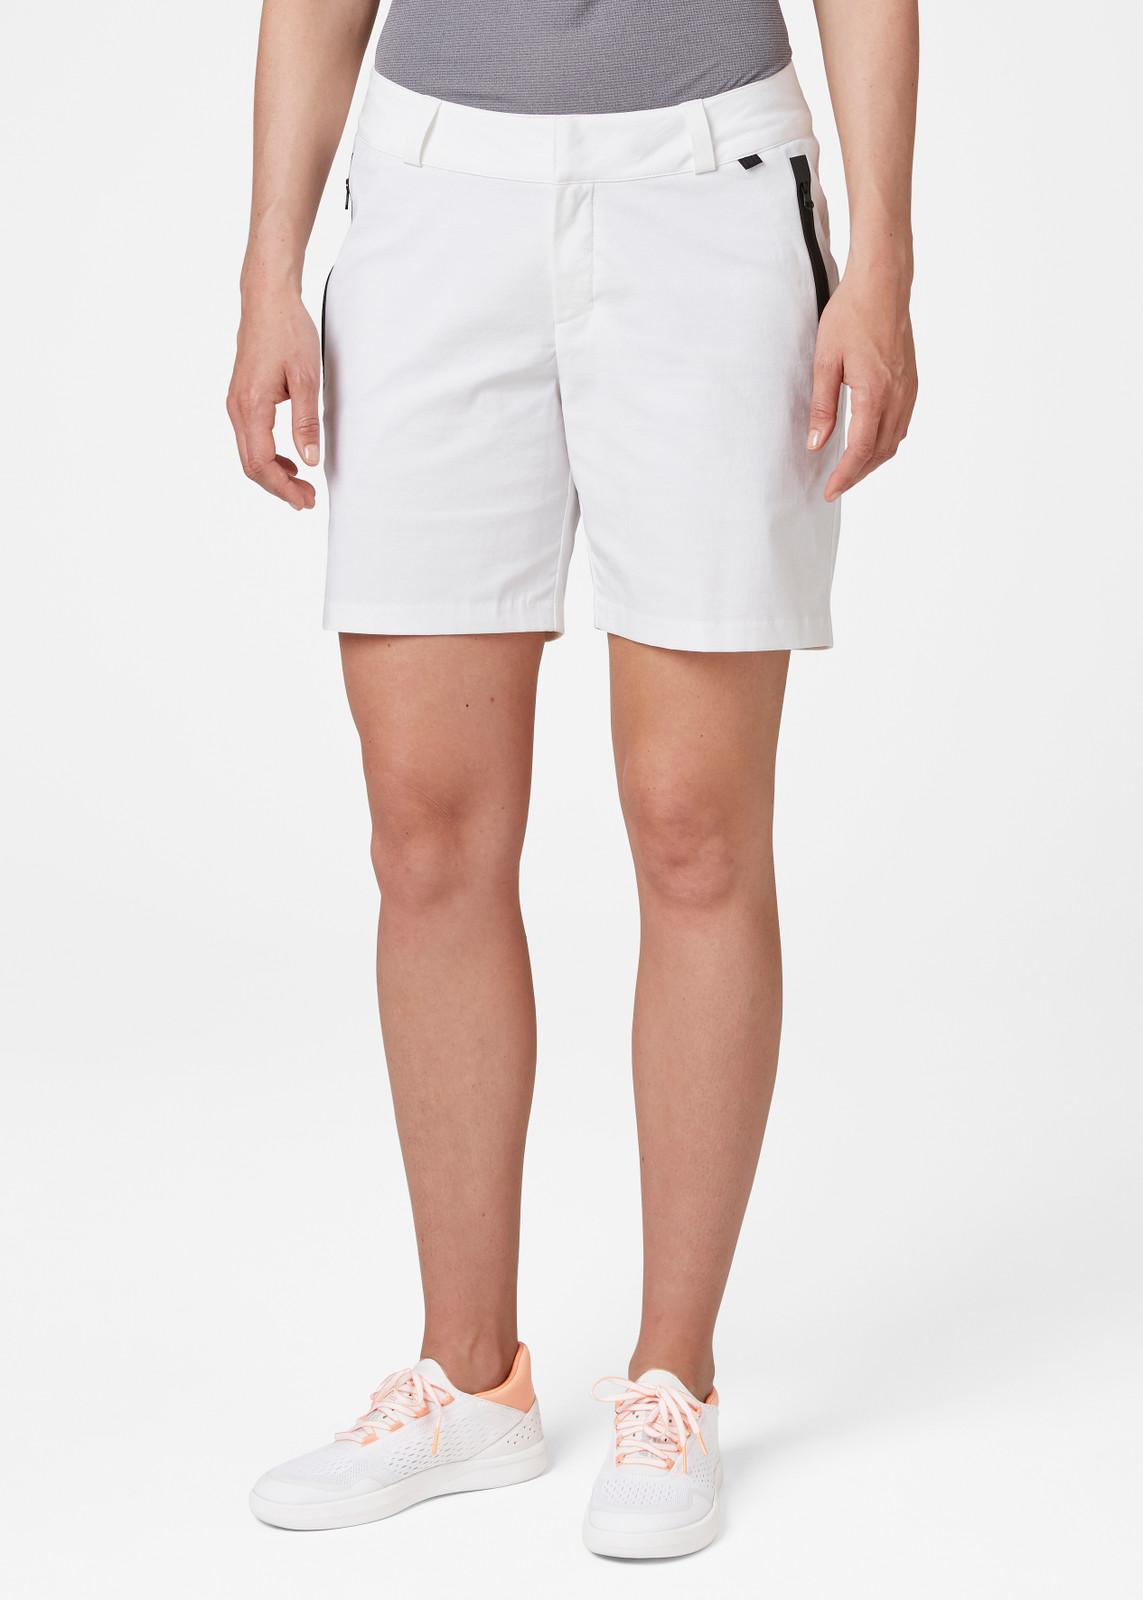 Helly Hansen HP Racing Short, Women's - White, 34028-001 on model